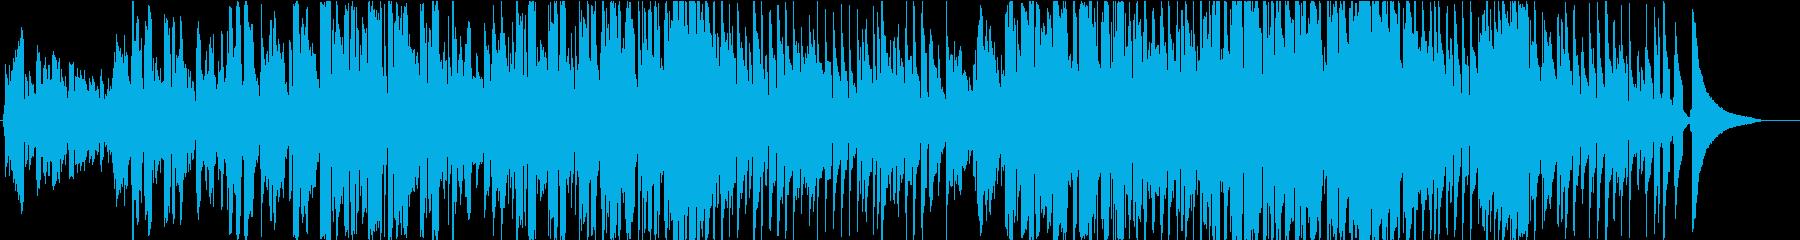 露草の再生済みの波形